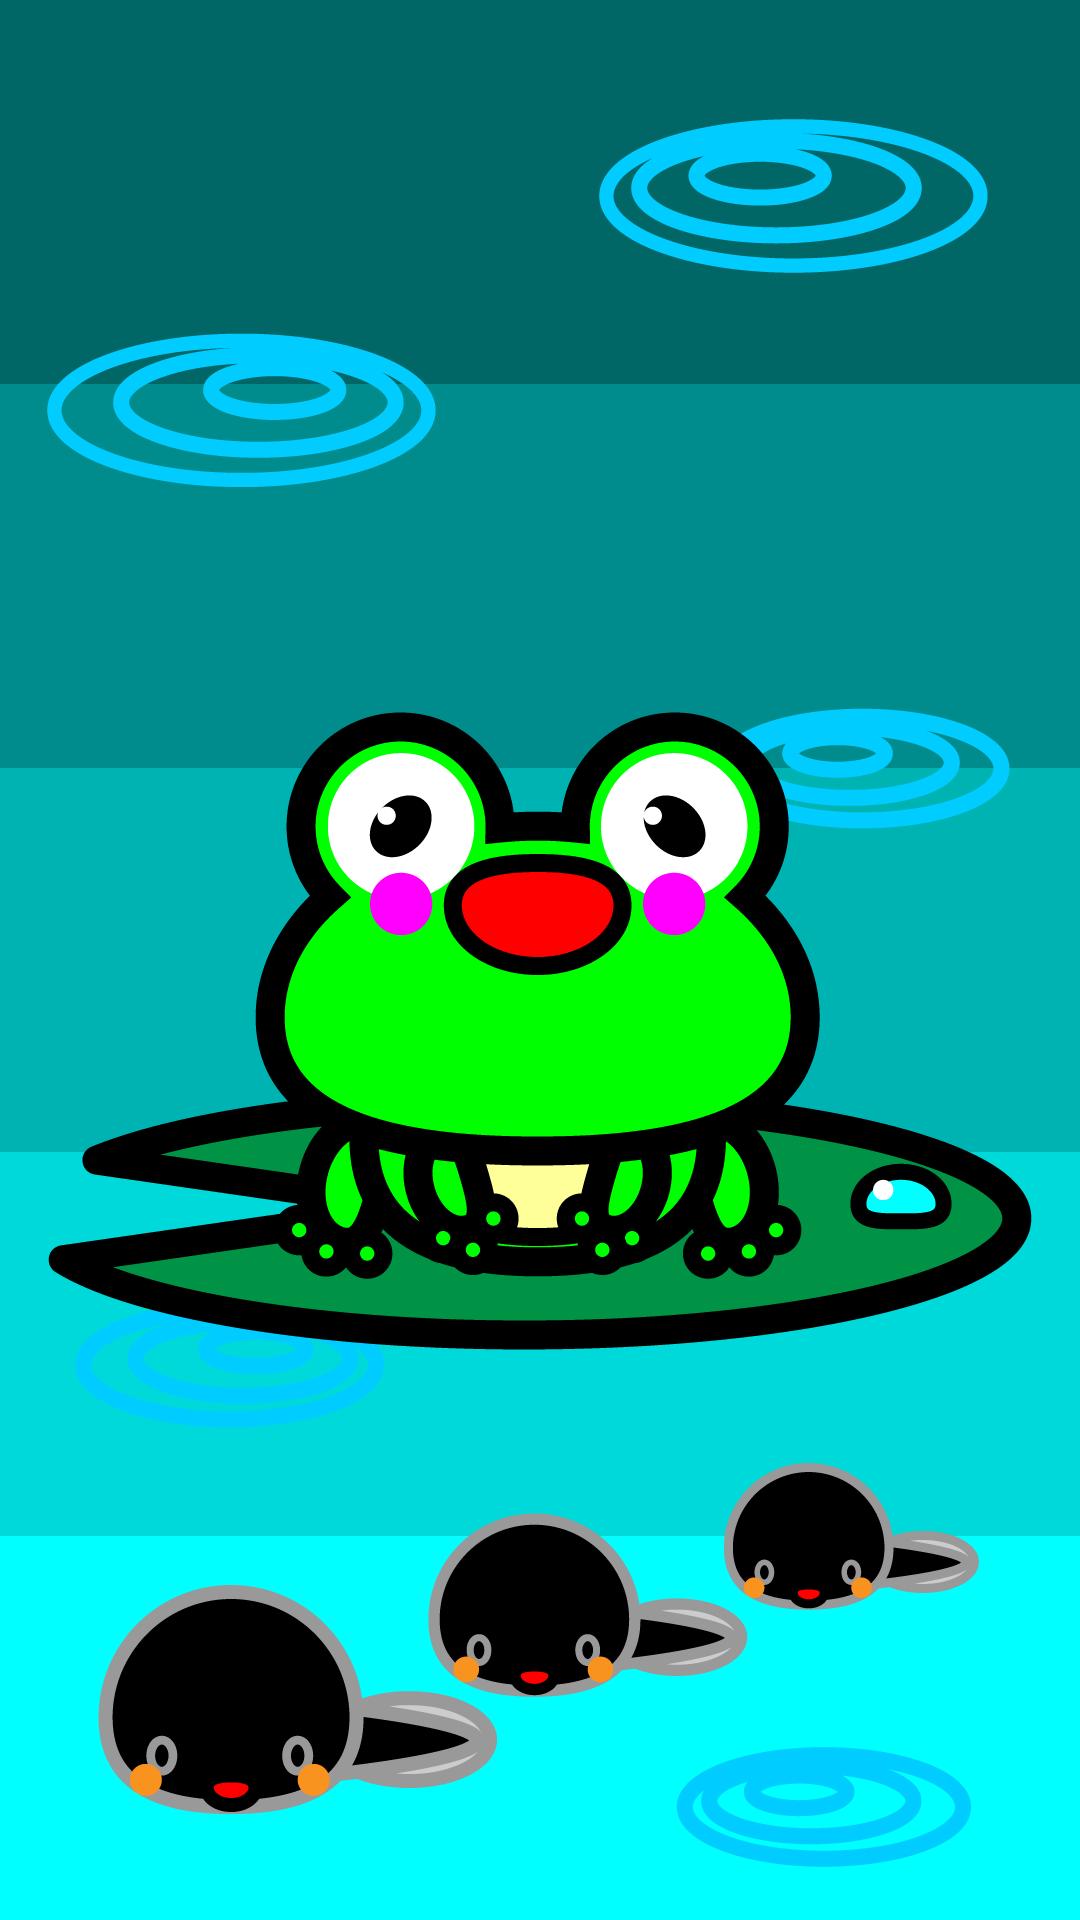 かわいいカエルとおたまじゃくし壁紙(iPhone)の無料イラスト・商用フリー